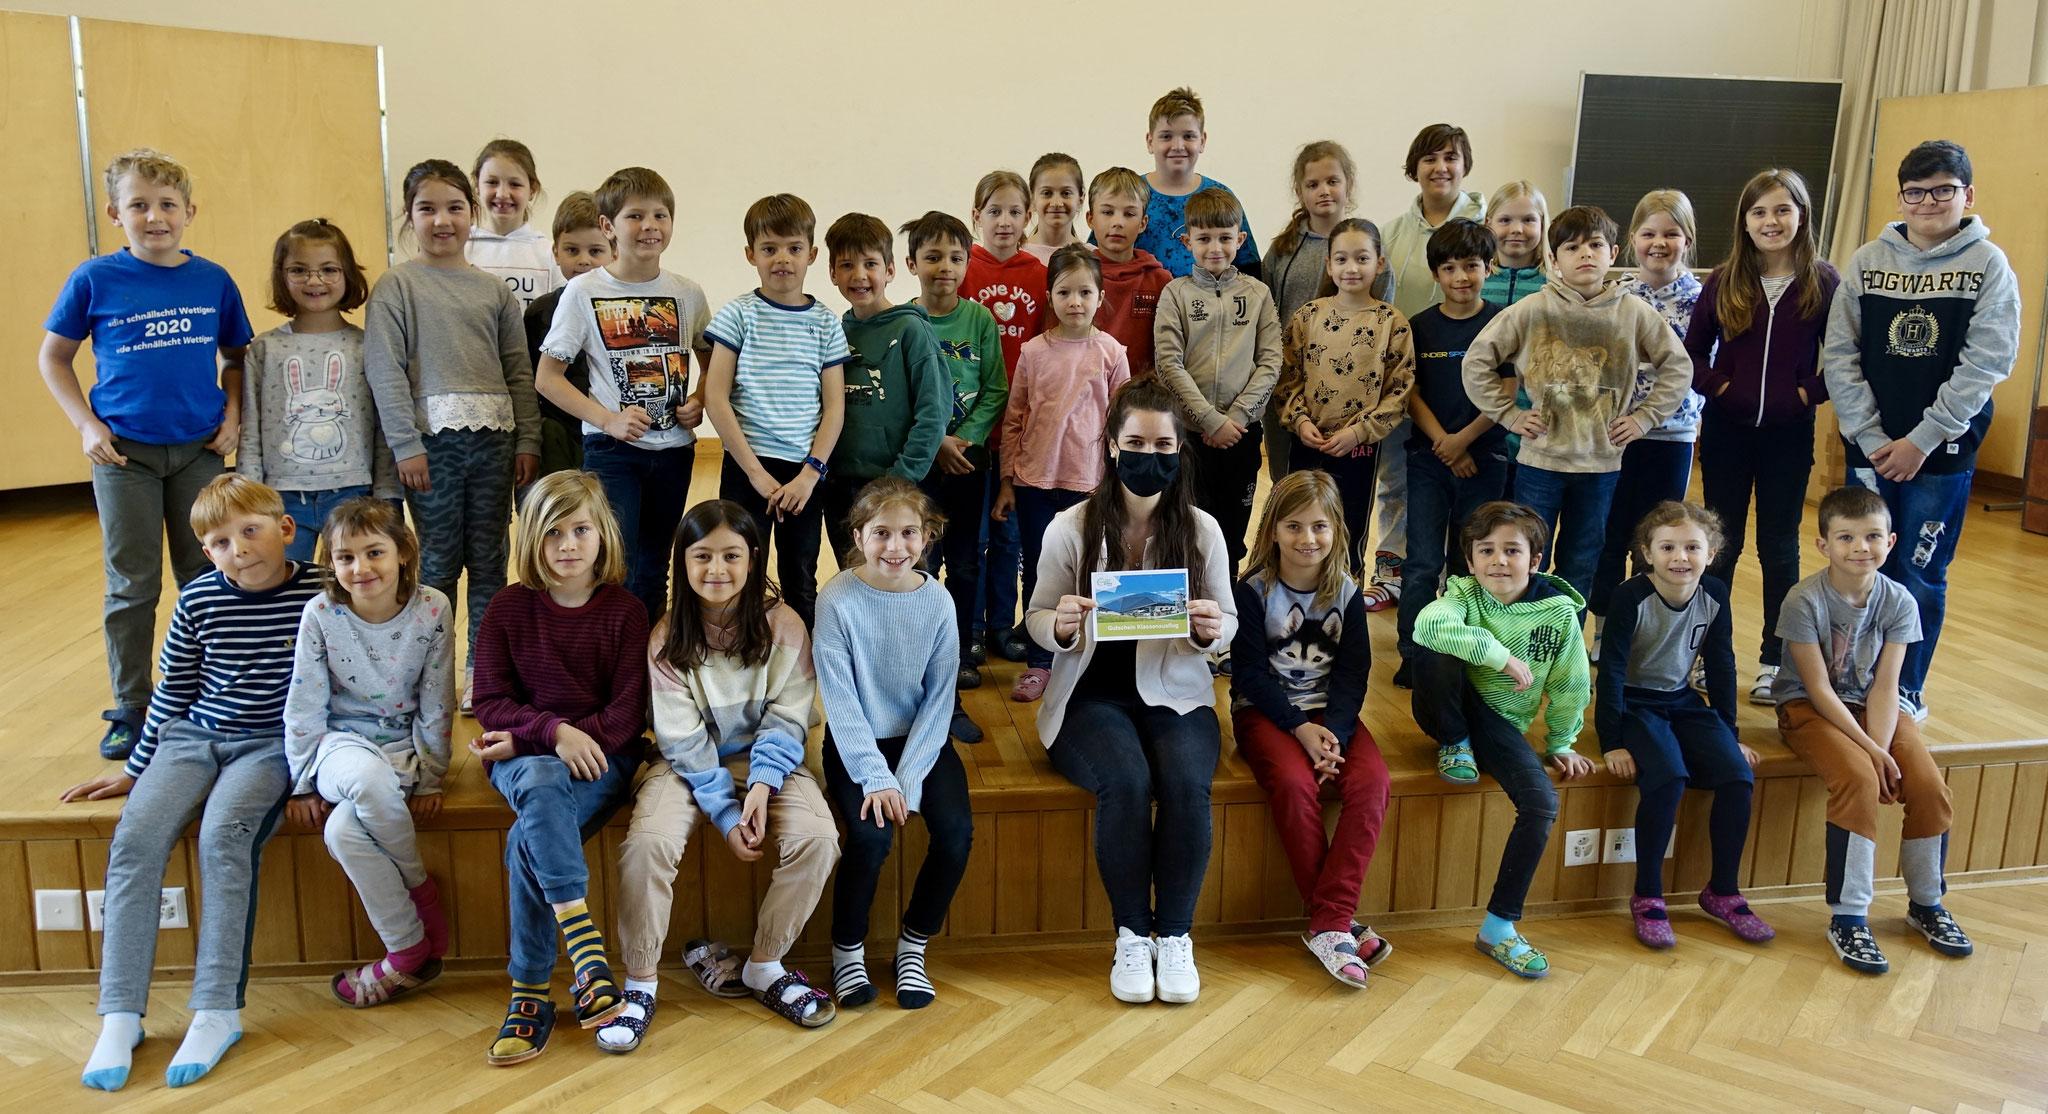 Sieger Zyklus 1: Schülerrat aus dem Schulhaus Altenburg in Wettingen (AG)